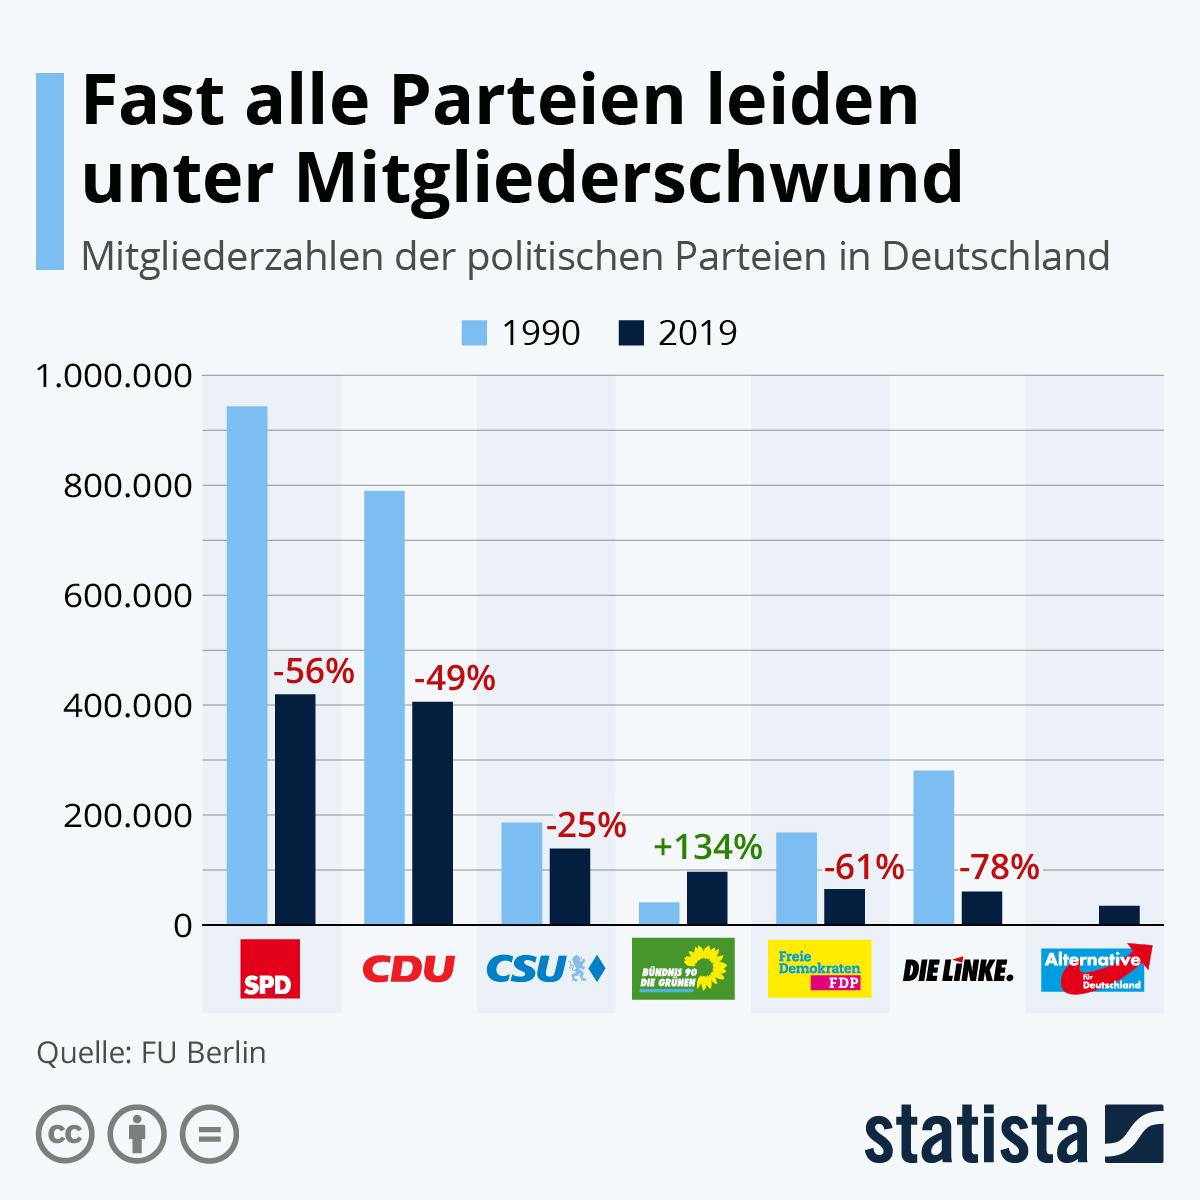 Infografik: Fast alle Parteien leiden unter Mitgliederschwund | Statista